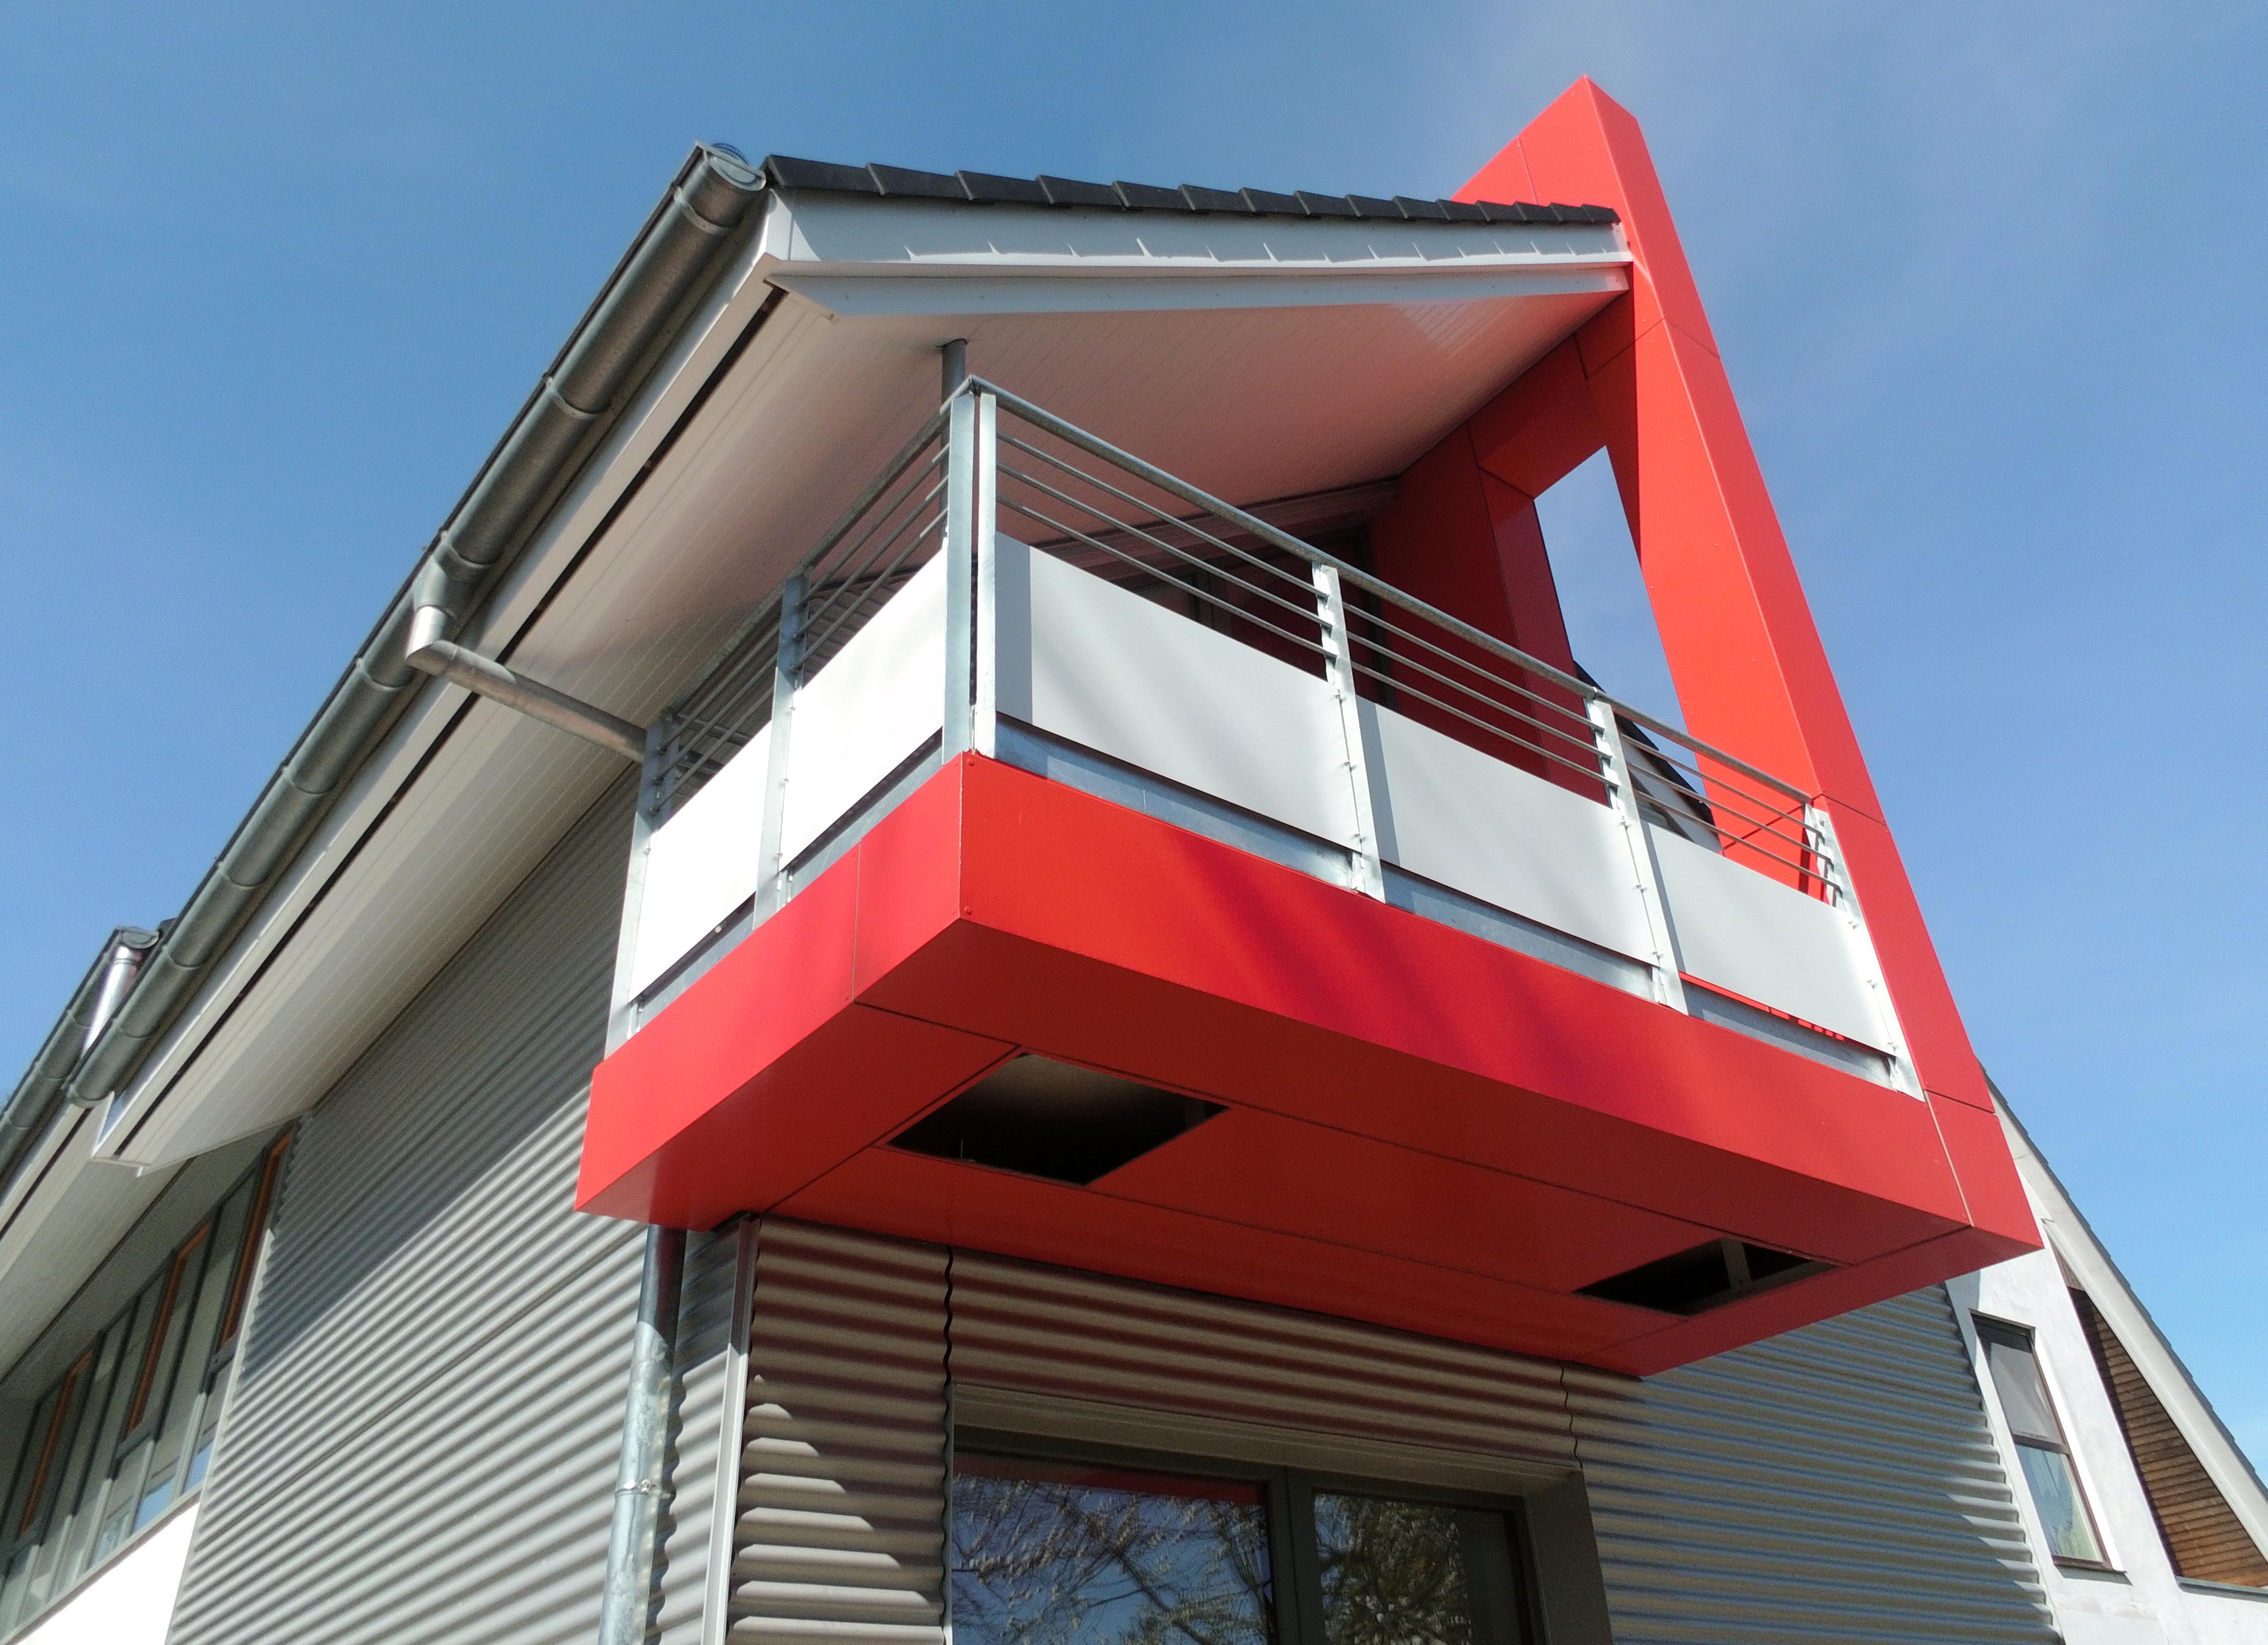 neubau eines einfamilienhauses mit b ro solar plus haus weniger bedachungen gmbh. Black Bedroom Furniture Sets. Home Design Ideas